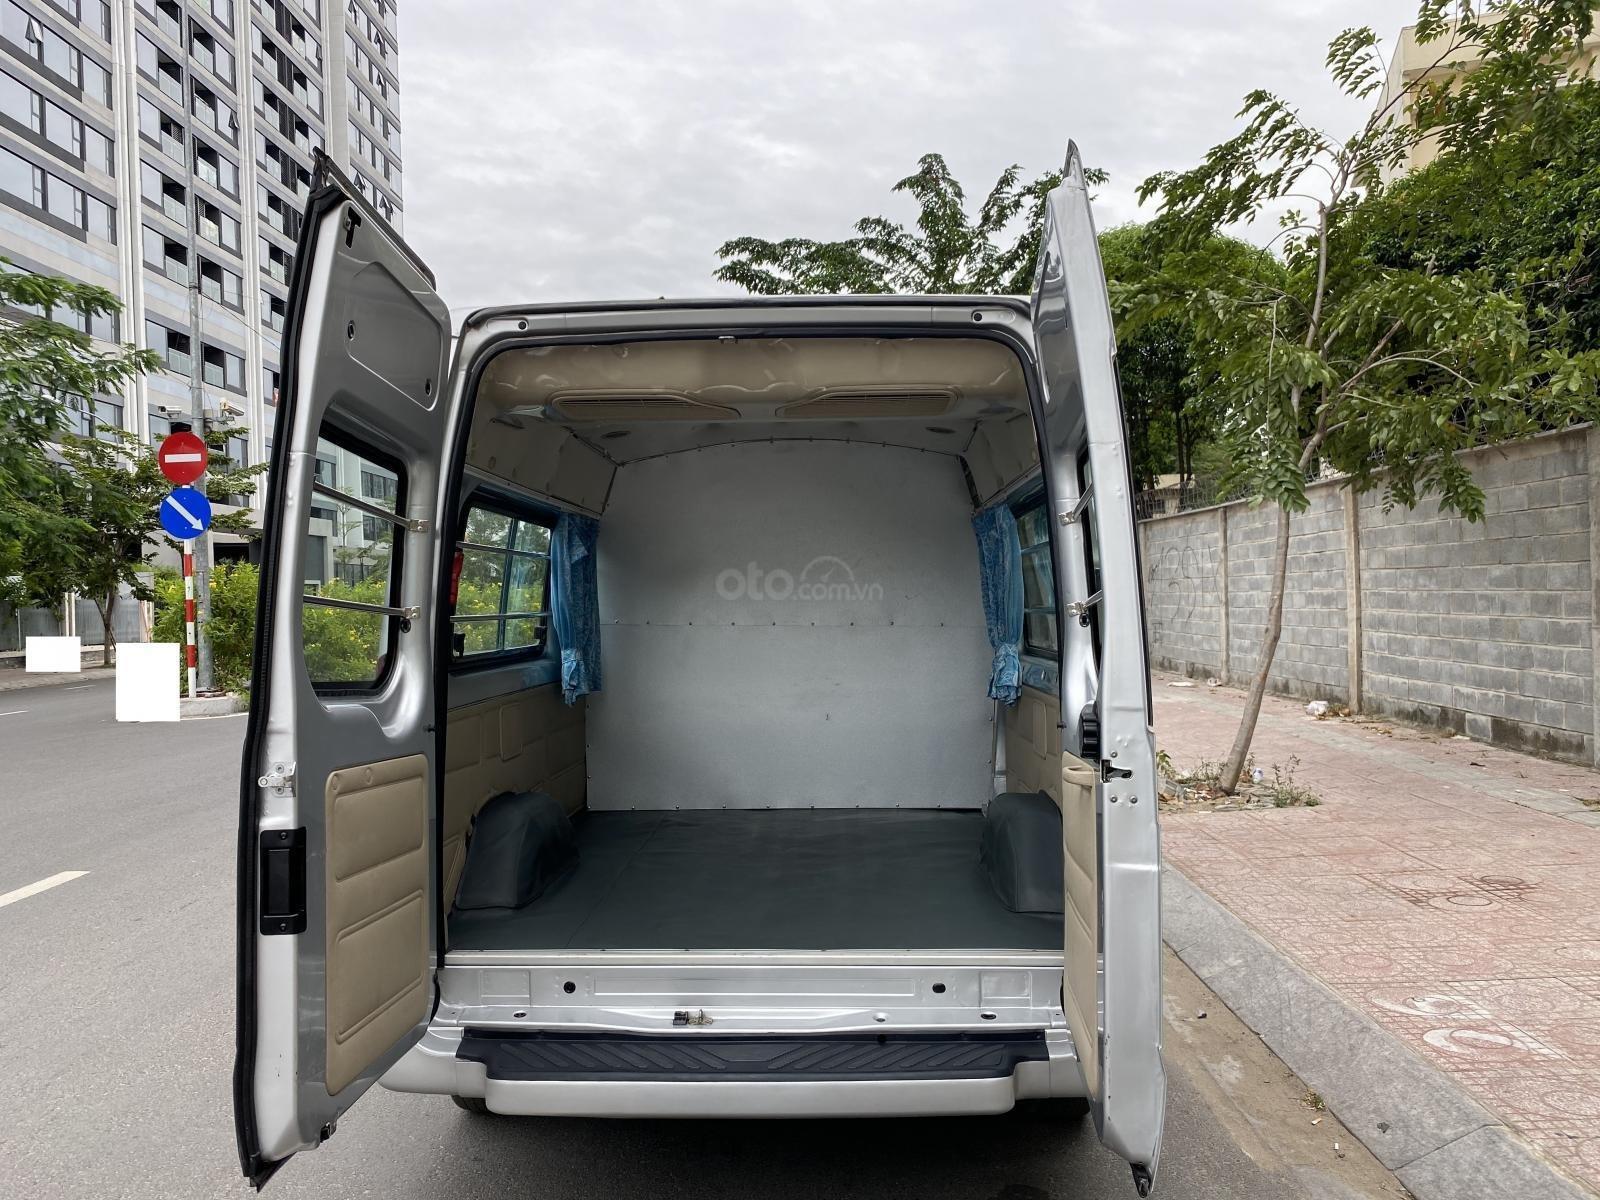 Cần bán Ford Transit van 6 chỗ ngồi 850kg sx 2015, gầm bệ chắc, xe đẹp được sử dụng lưu hành trong giờ cấm (6)